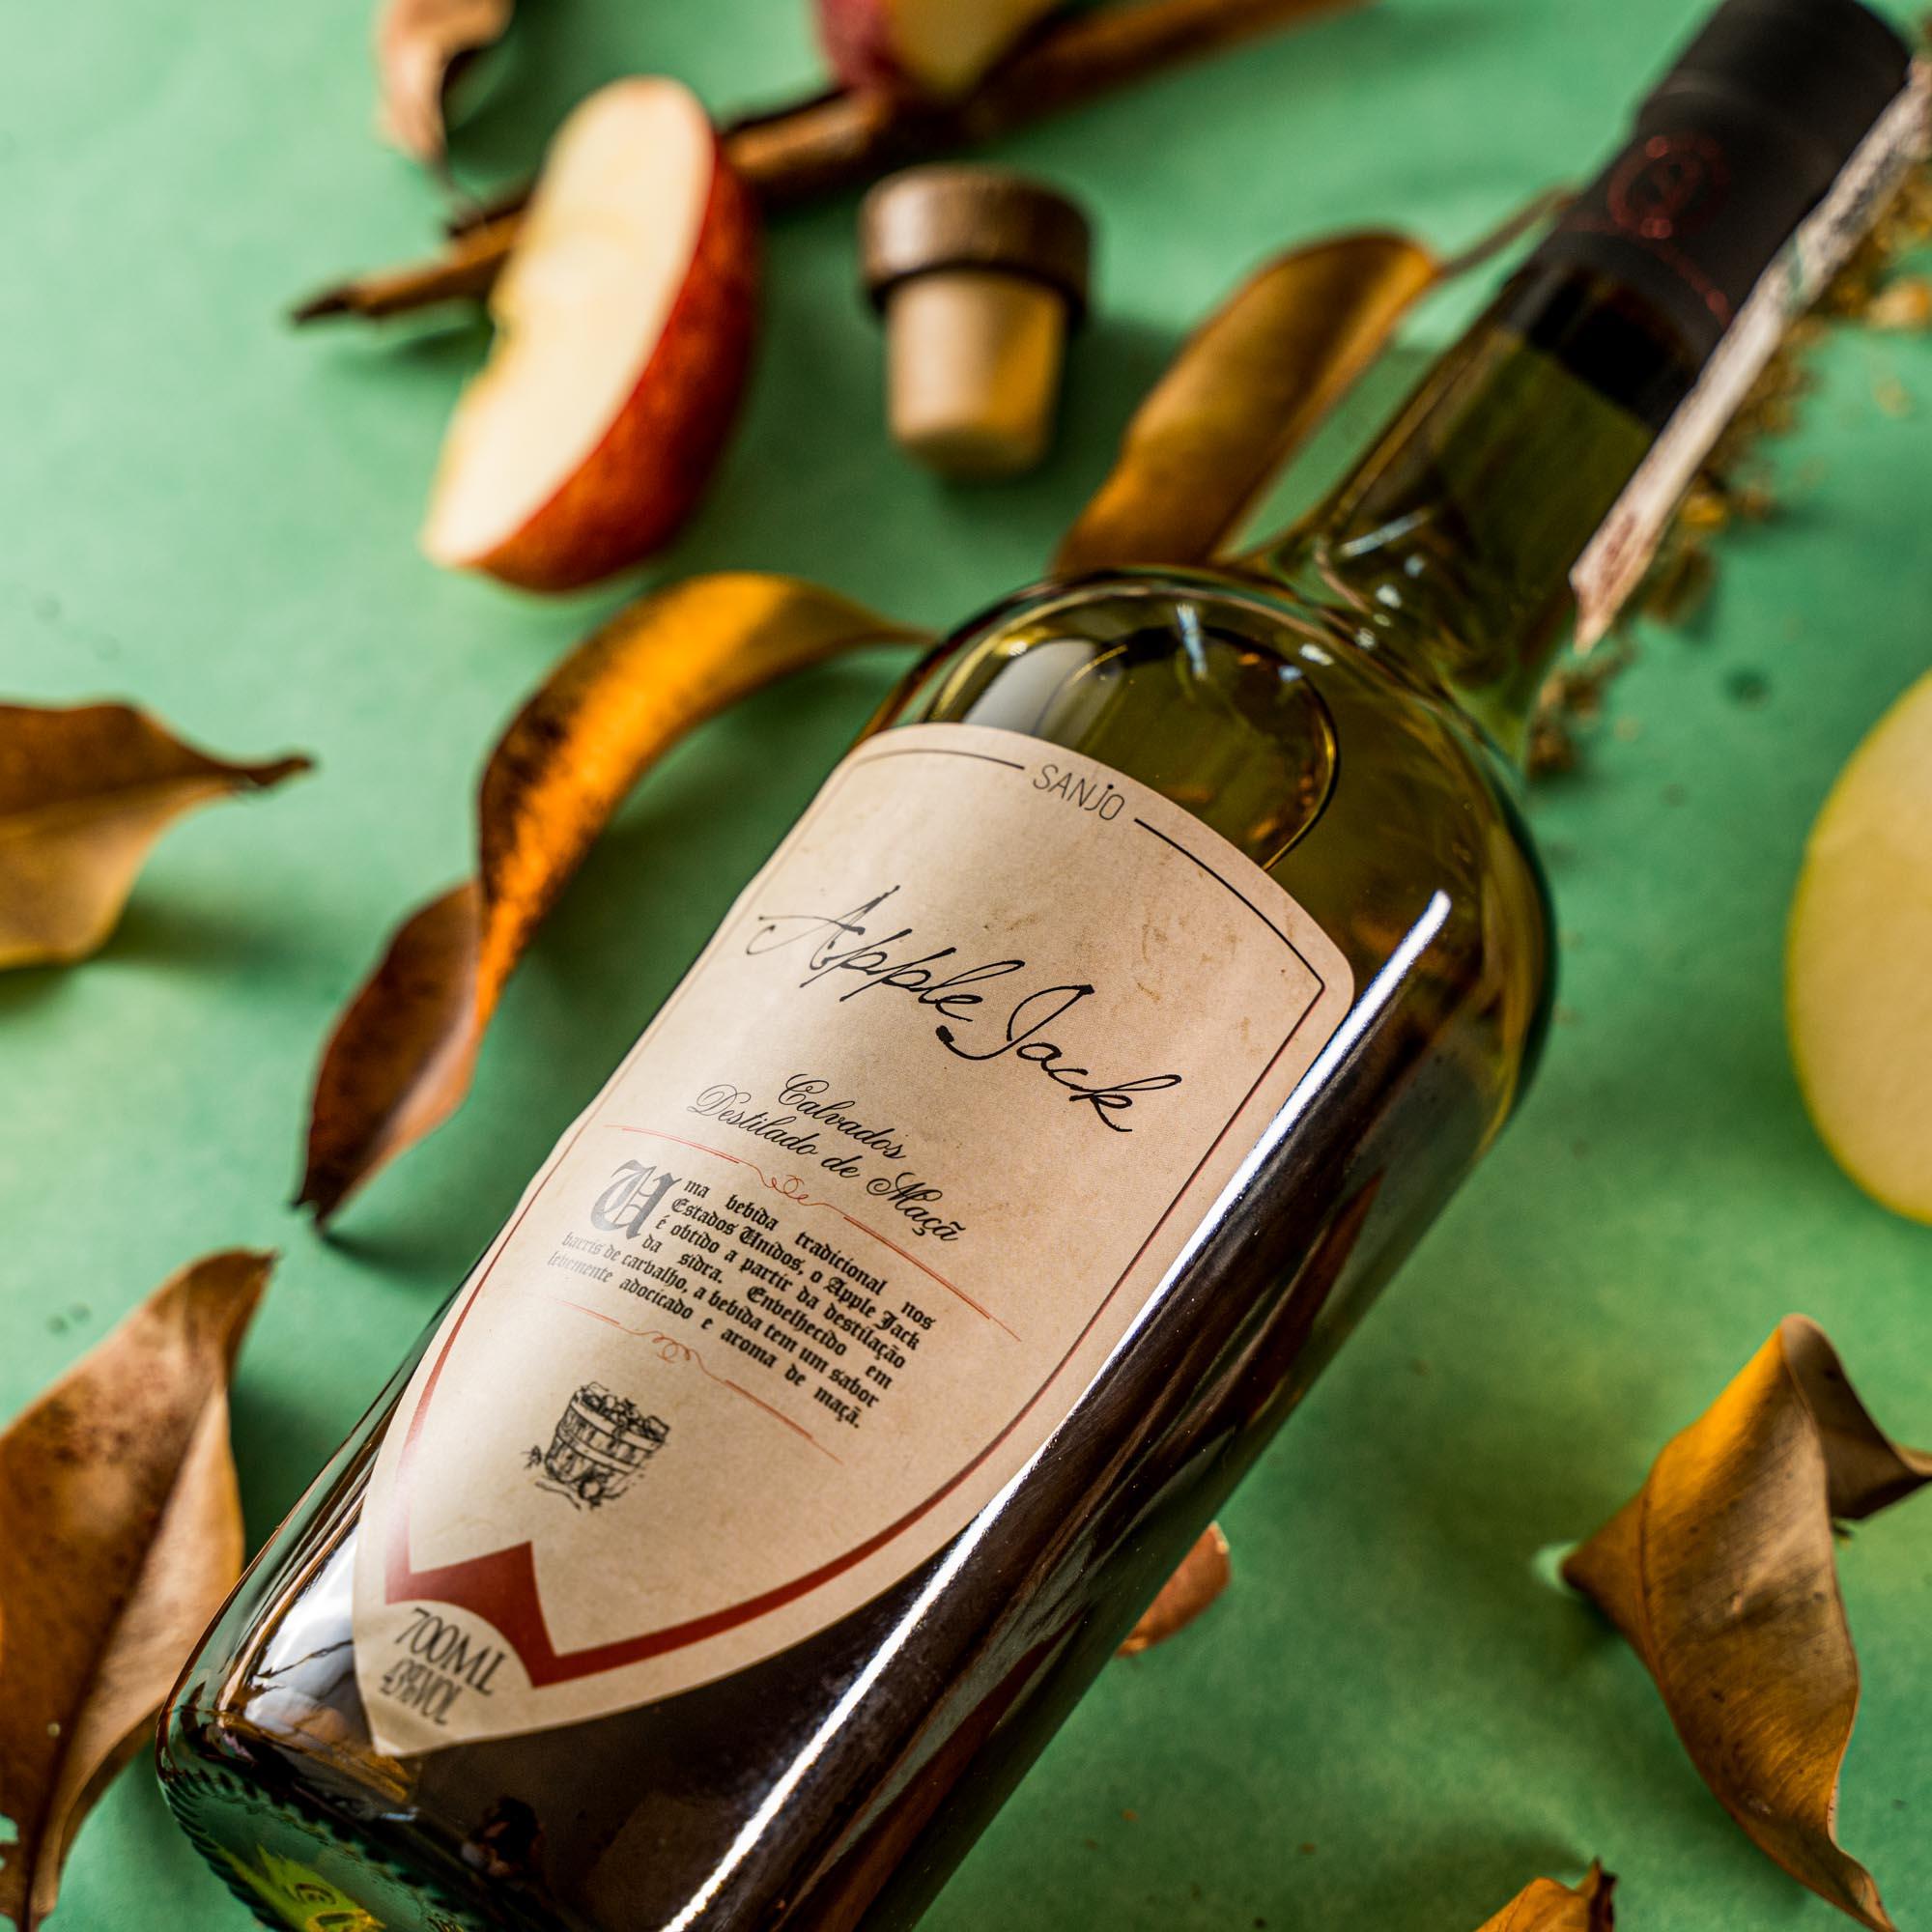 Apple Jack - Calvados - Destilado de maçã artesanal - Vinícola Sanjo